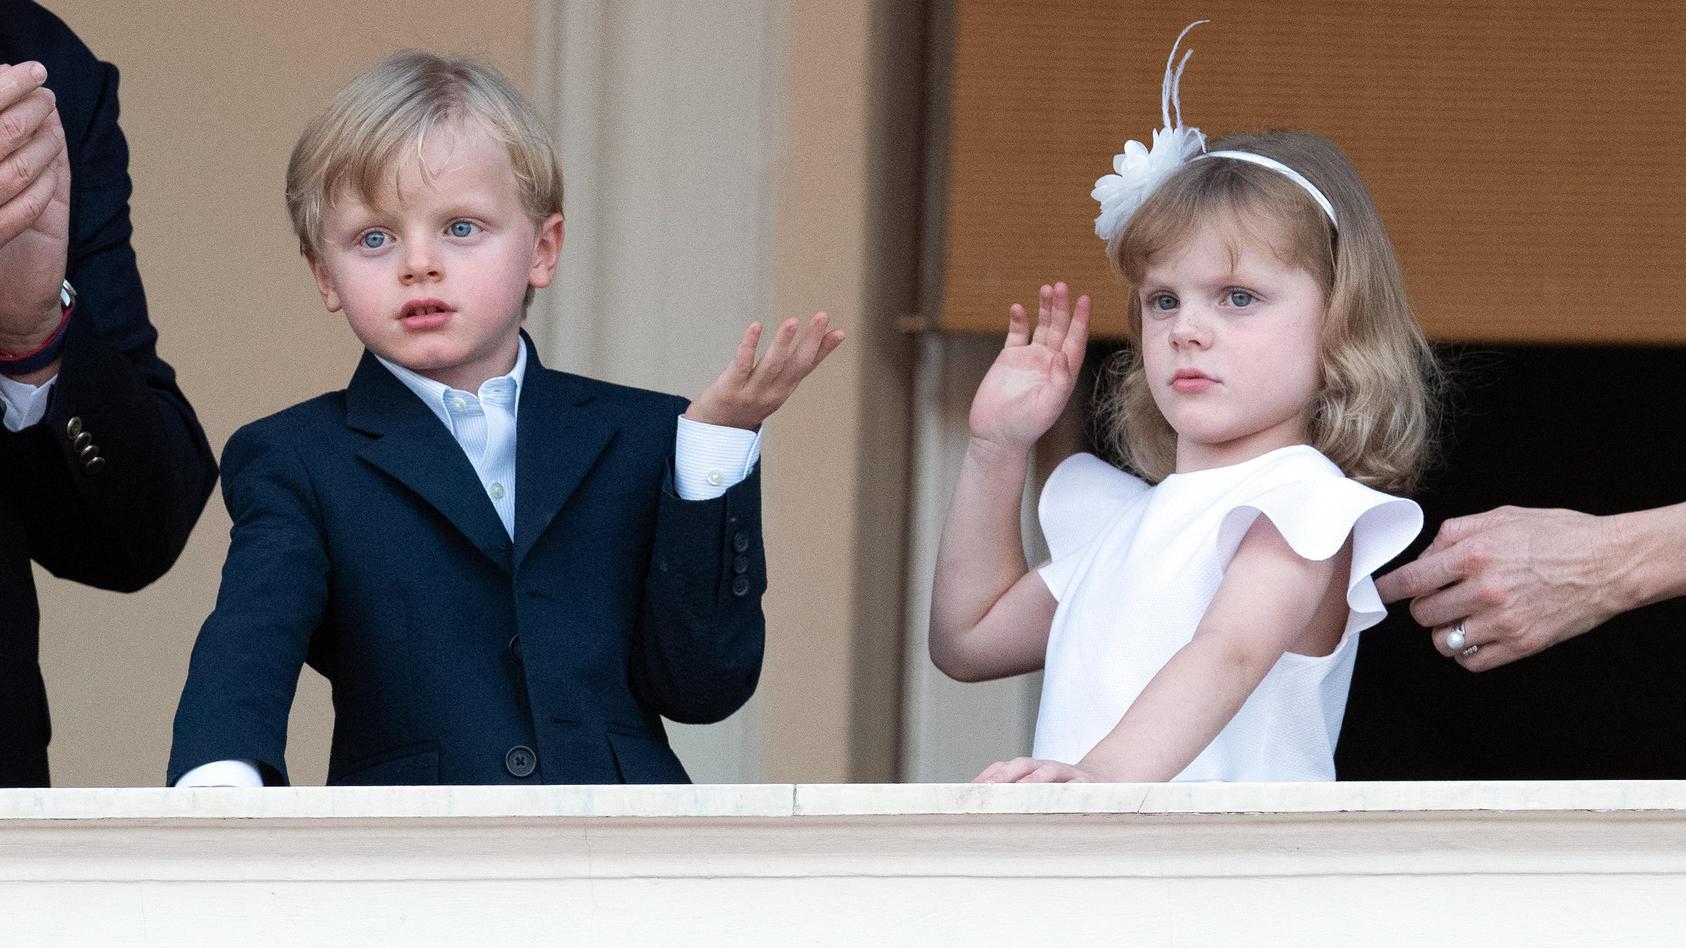 Jacques und Gabriella von Monaco werden von Mama Charlene fein herausgeputzt.